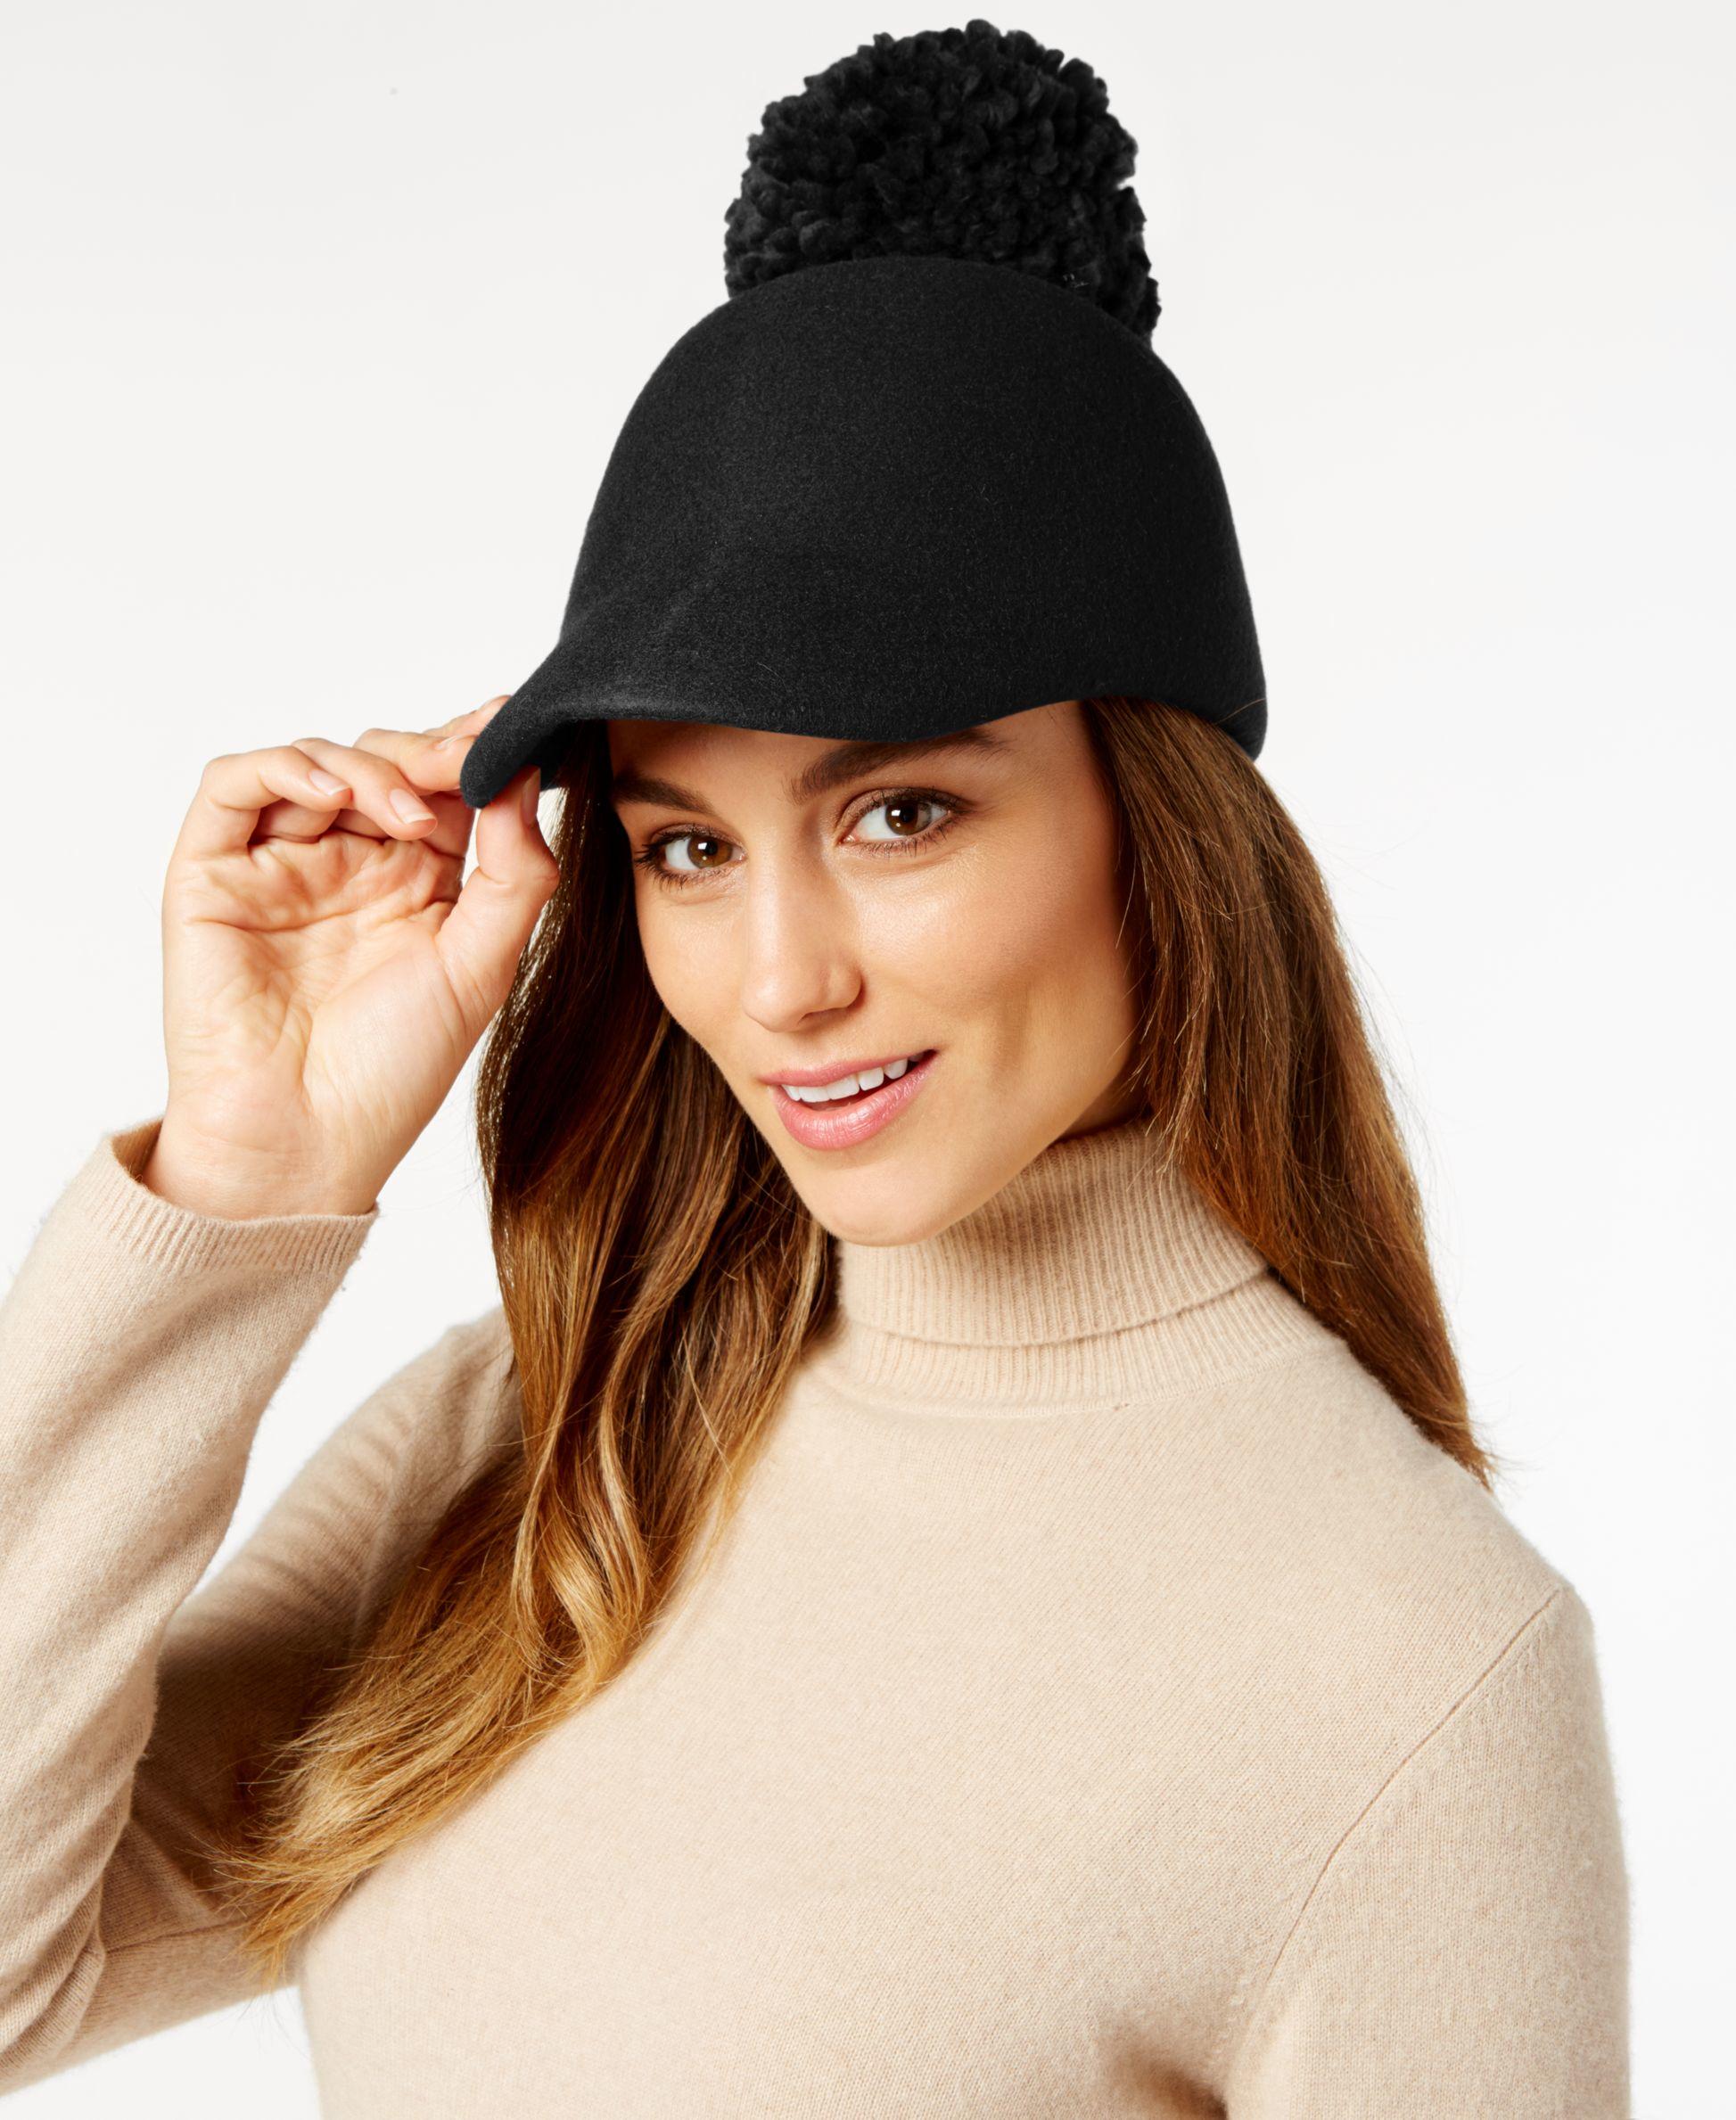 Bcbgmaxazria Winter Pom Pom Baseball Hat in Black